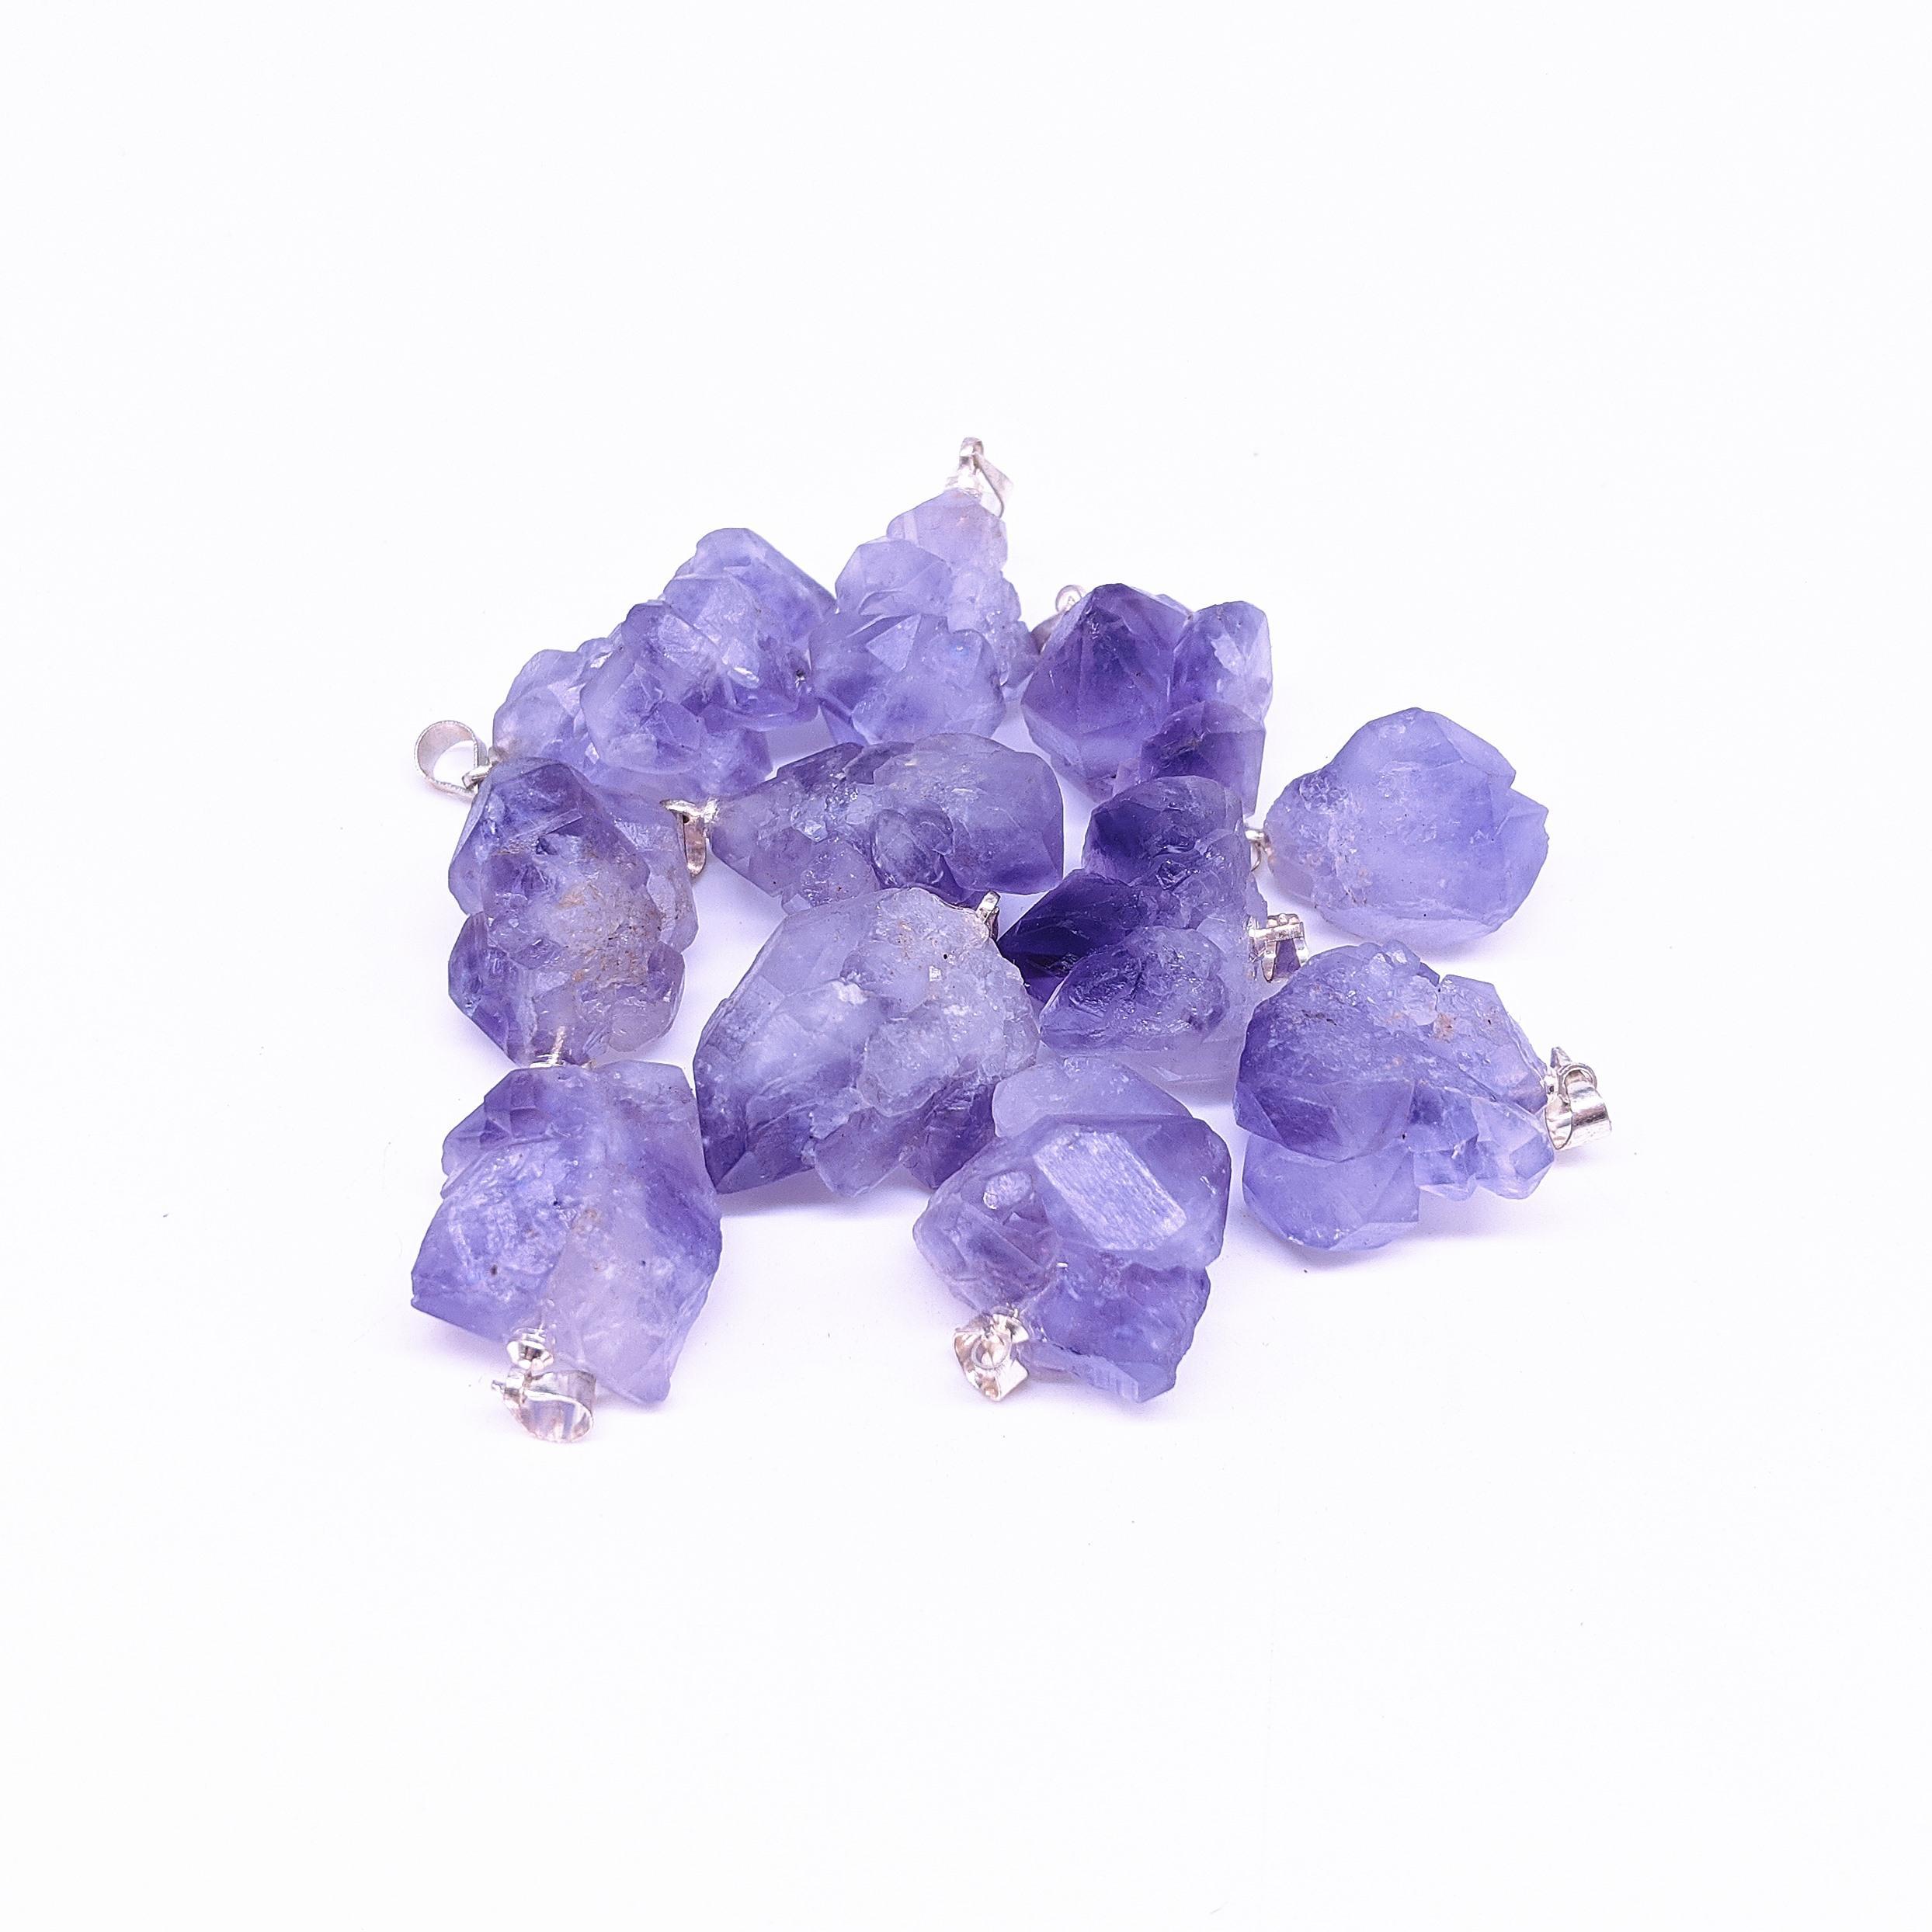 20pcs / lot de la joyería que hace primas naturales amatista colgante de piedra áspera Geode flor Druzy Cluster amatista Colgante para el collar